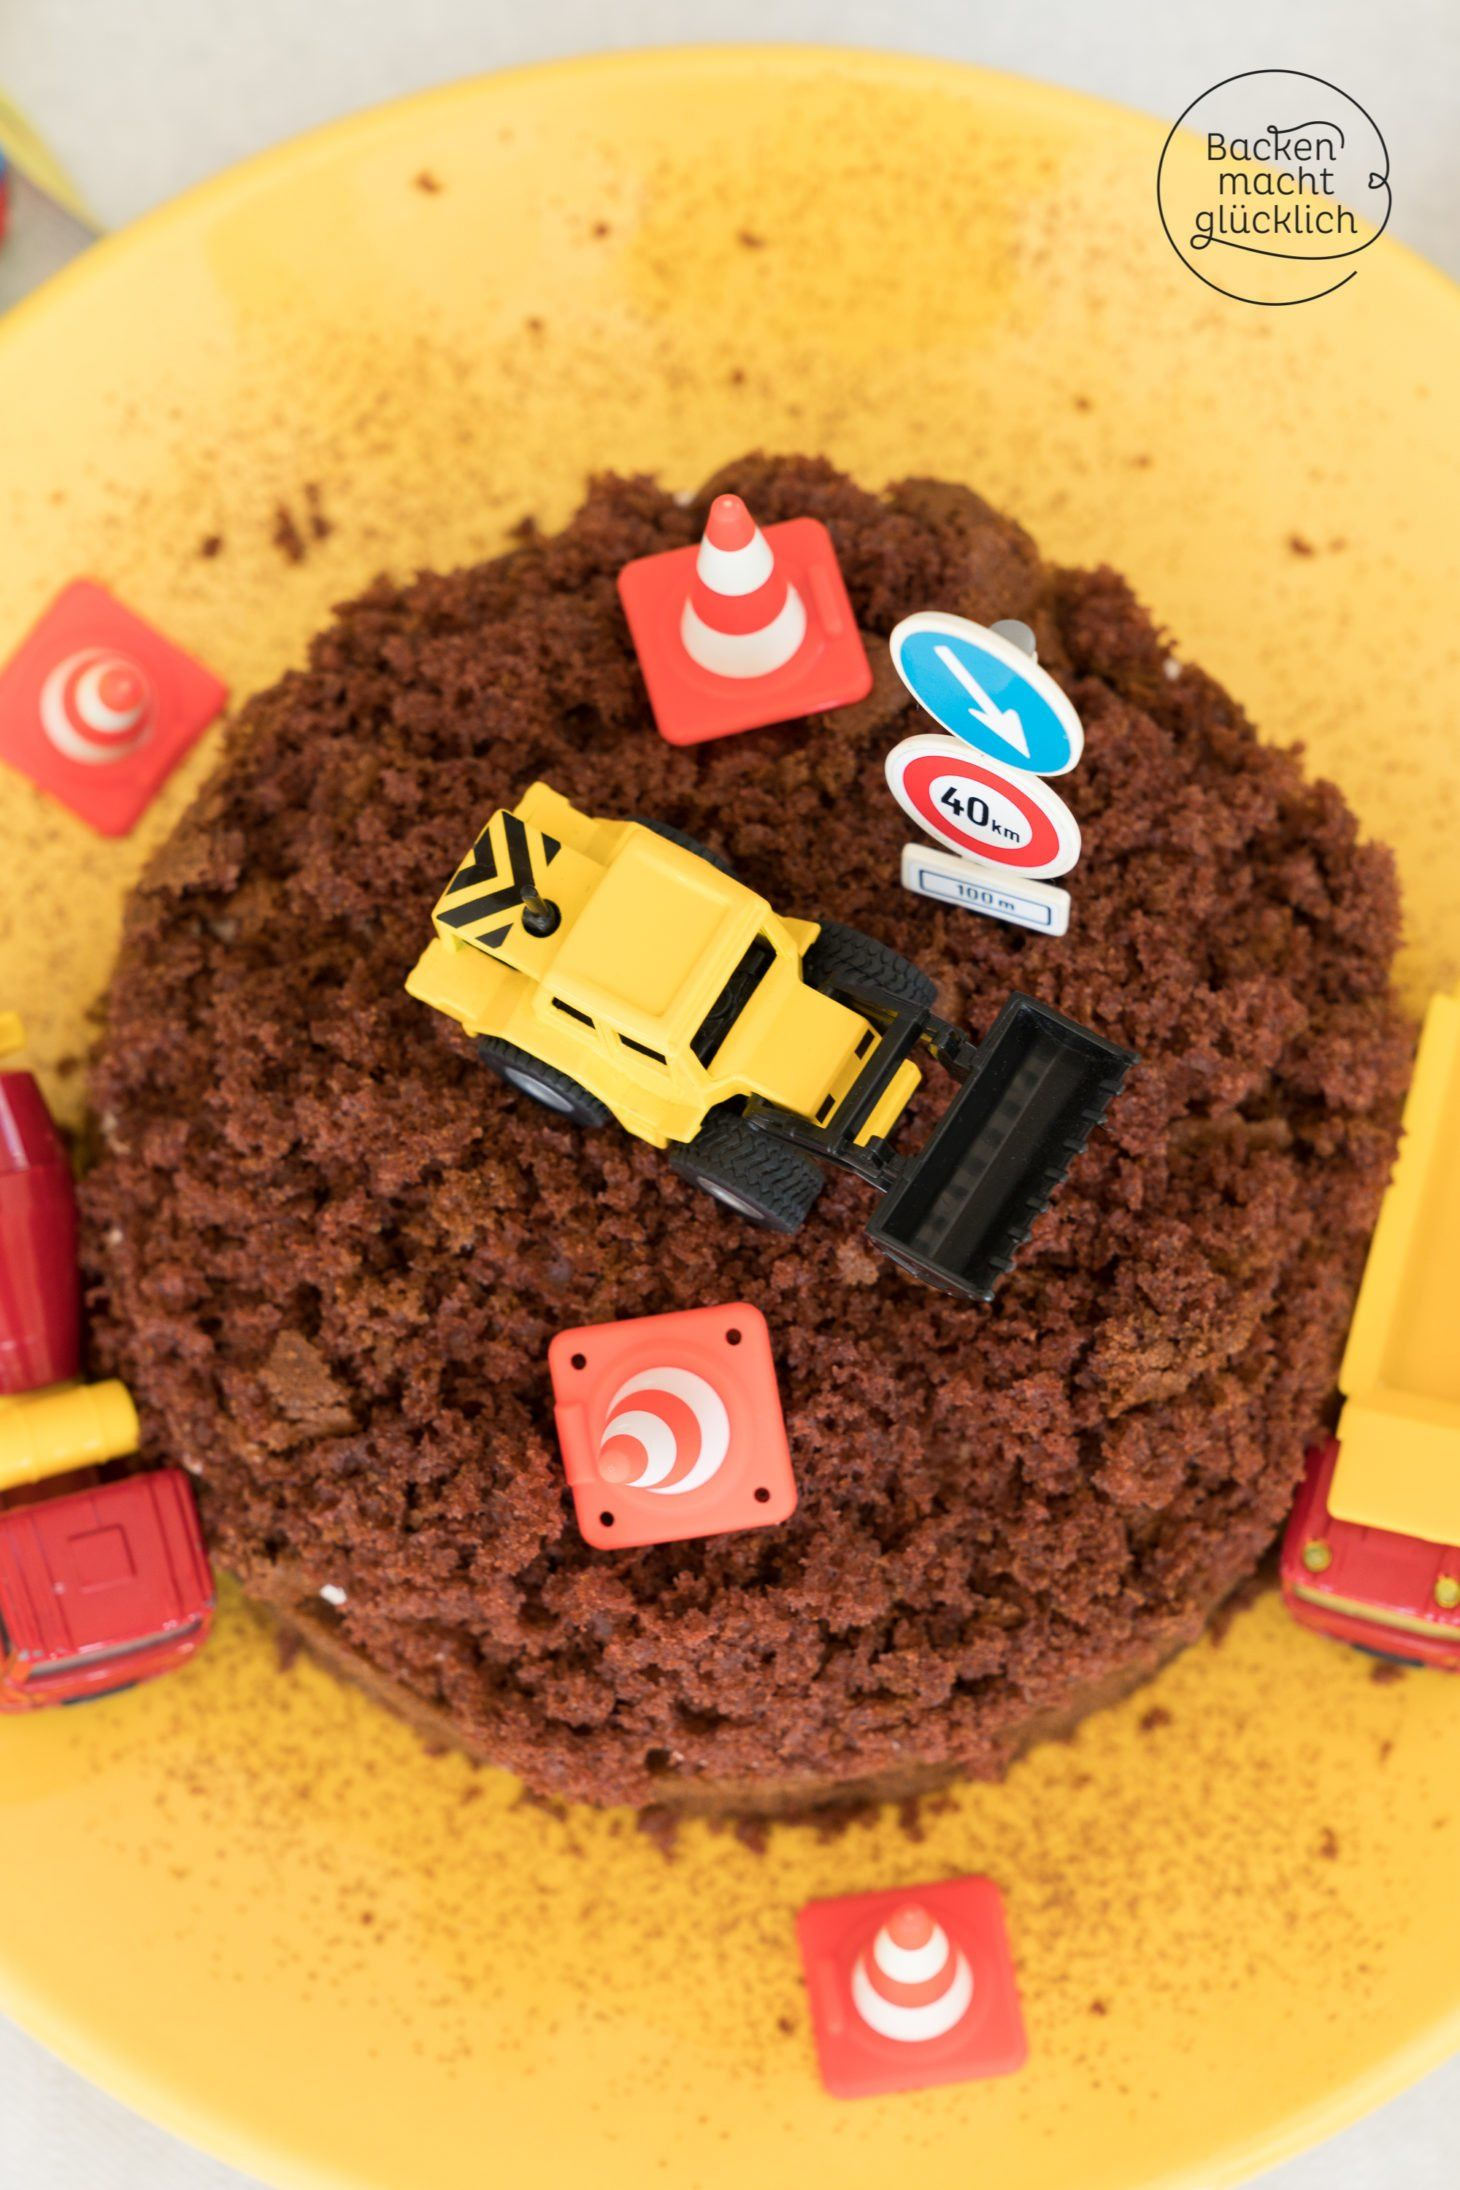 Einfache Baustellen Torte Rezept Bagger Torte Kuchen Und Backen Macht Glucklich